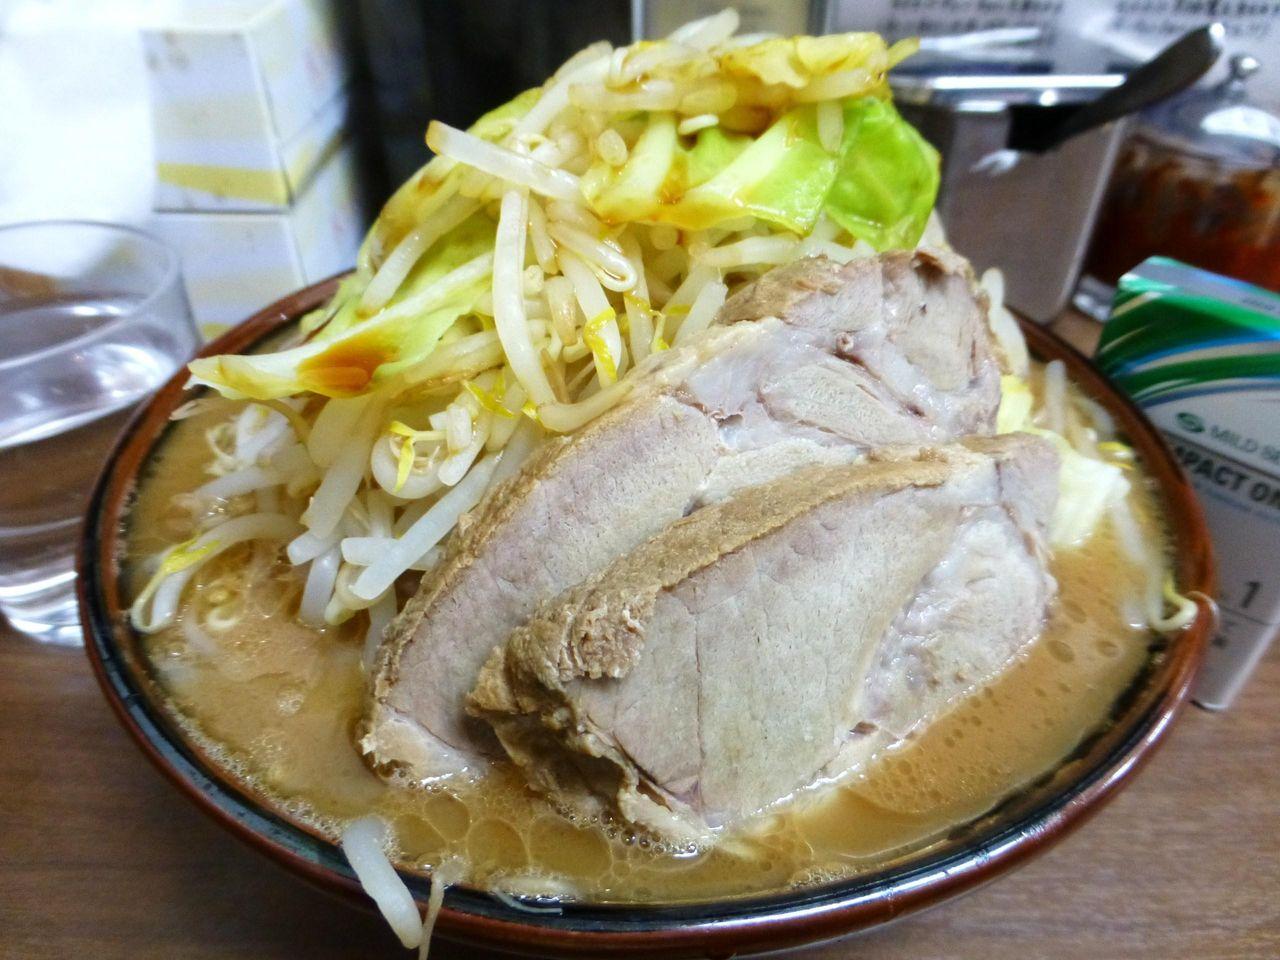 山盛り野菜とぶ厚い豚2枚の豪快な盛り付け!